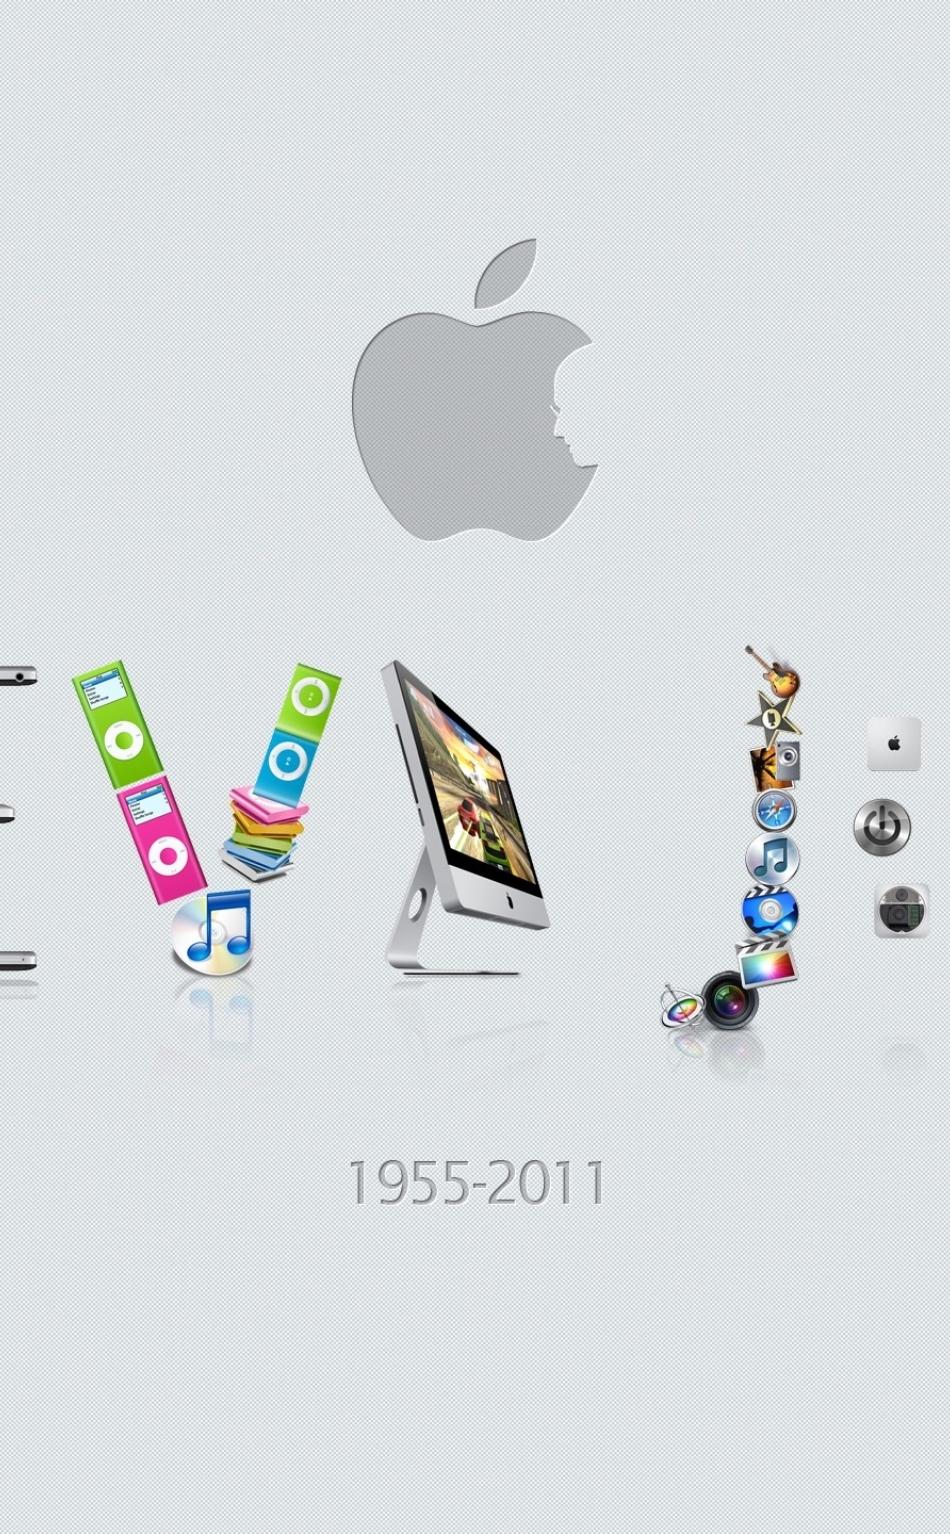 950x1534 Steve Jobs Apple Mac 950x1534 Resolution